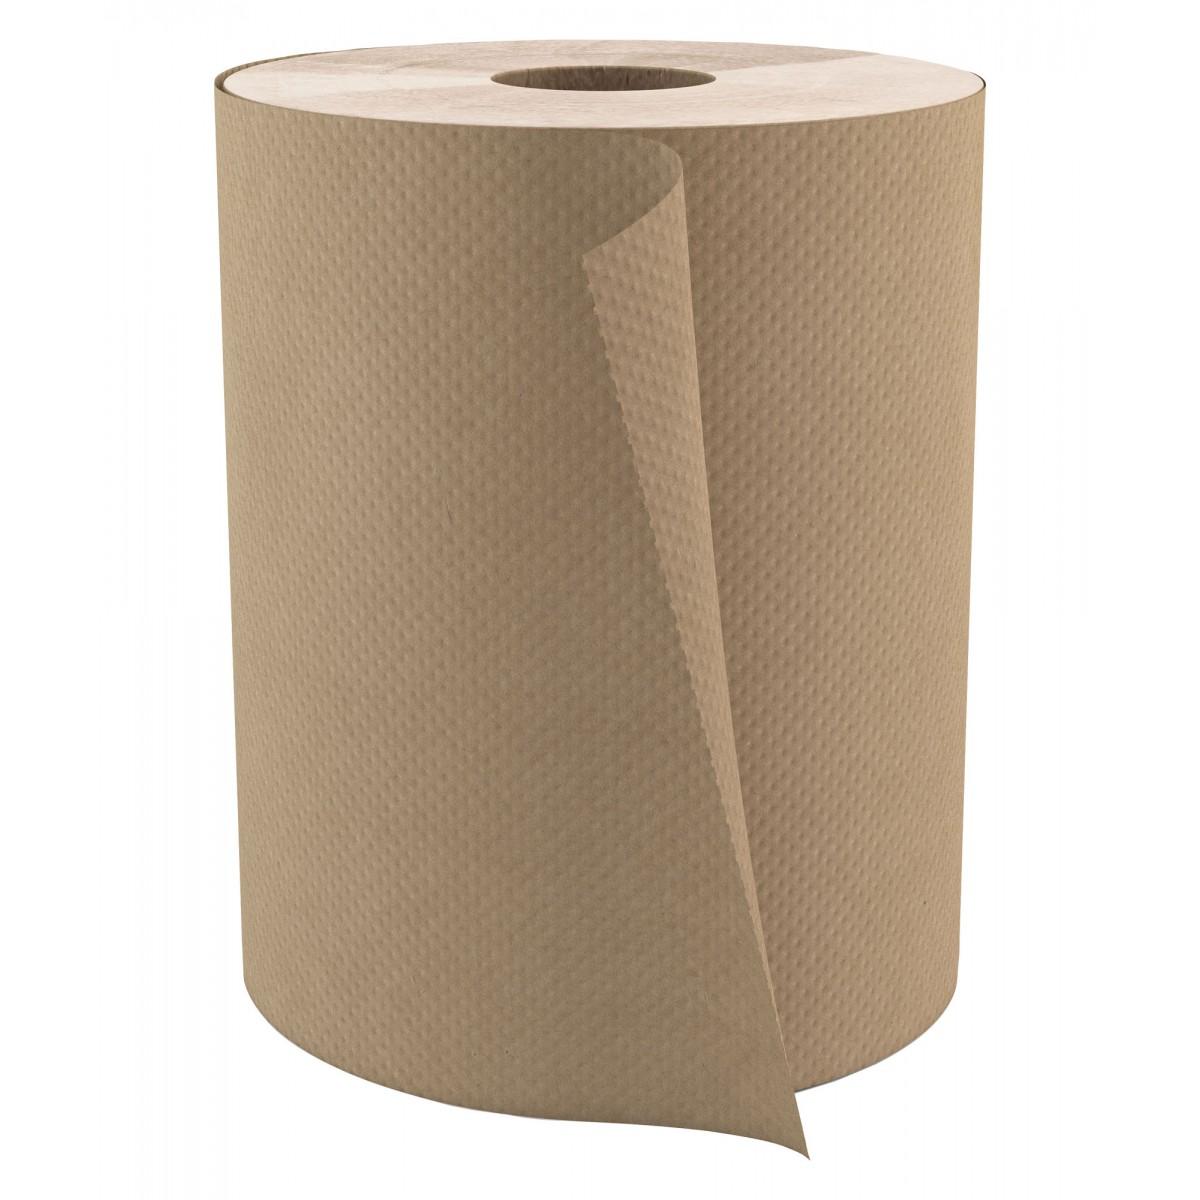 600' X 12 PAPER TOWELS ROLLS